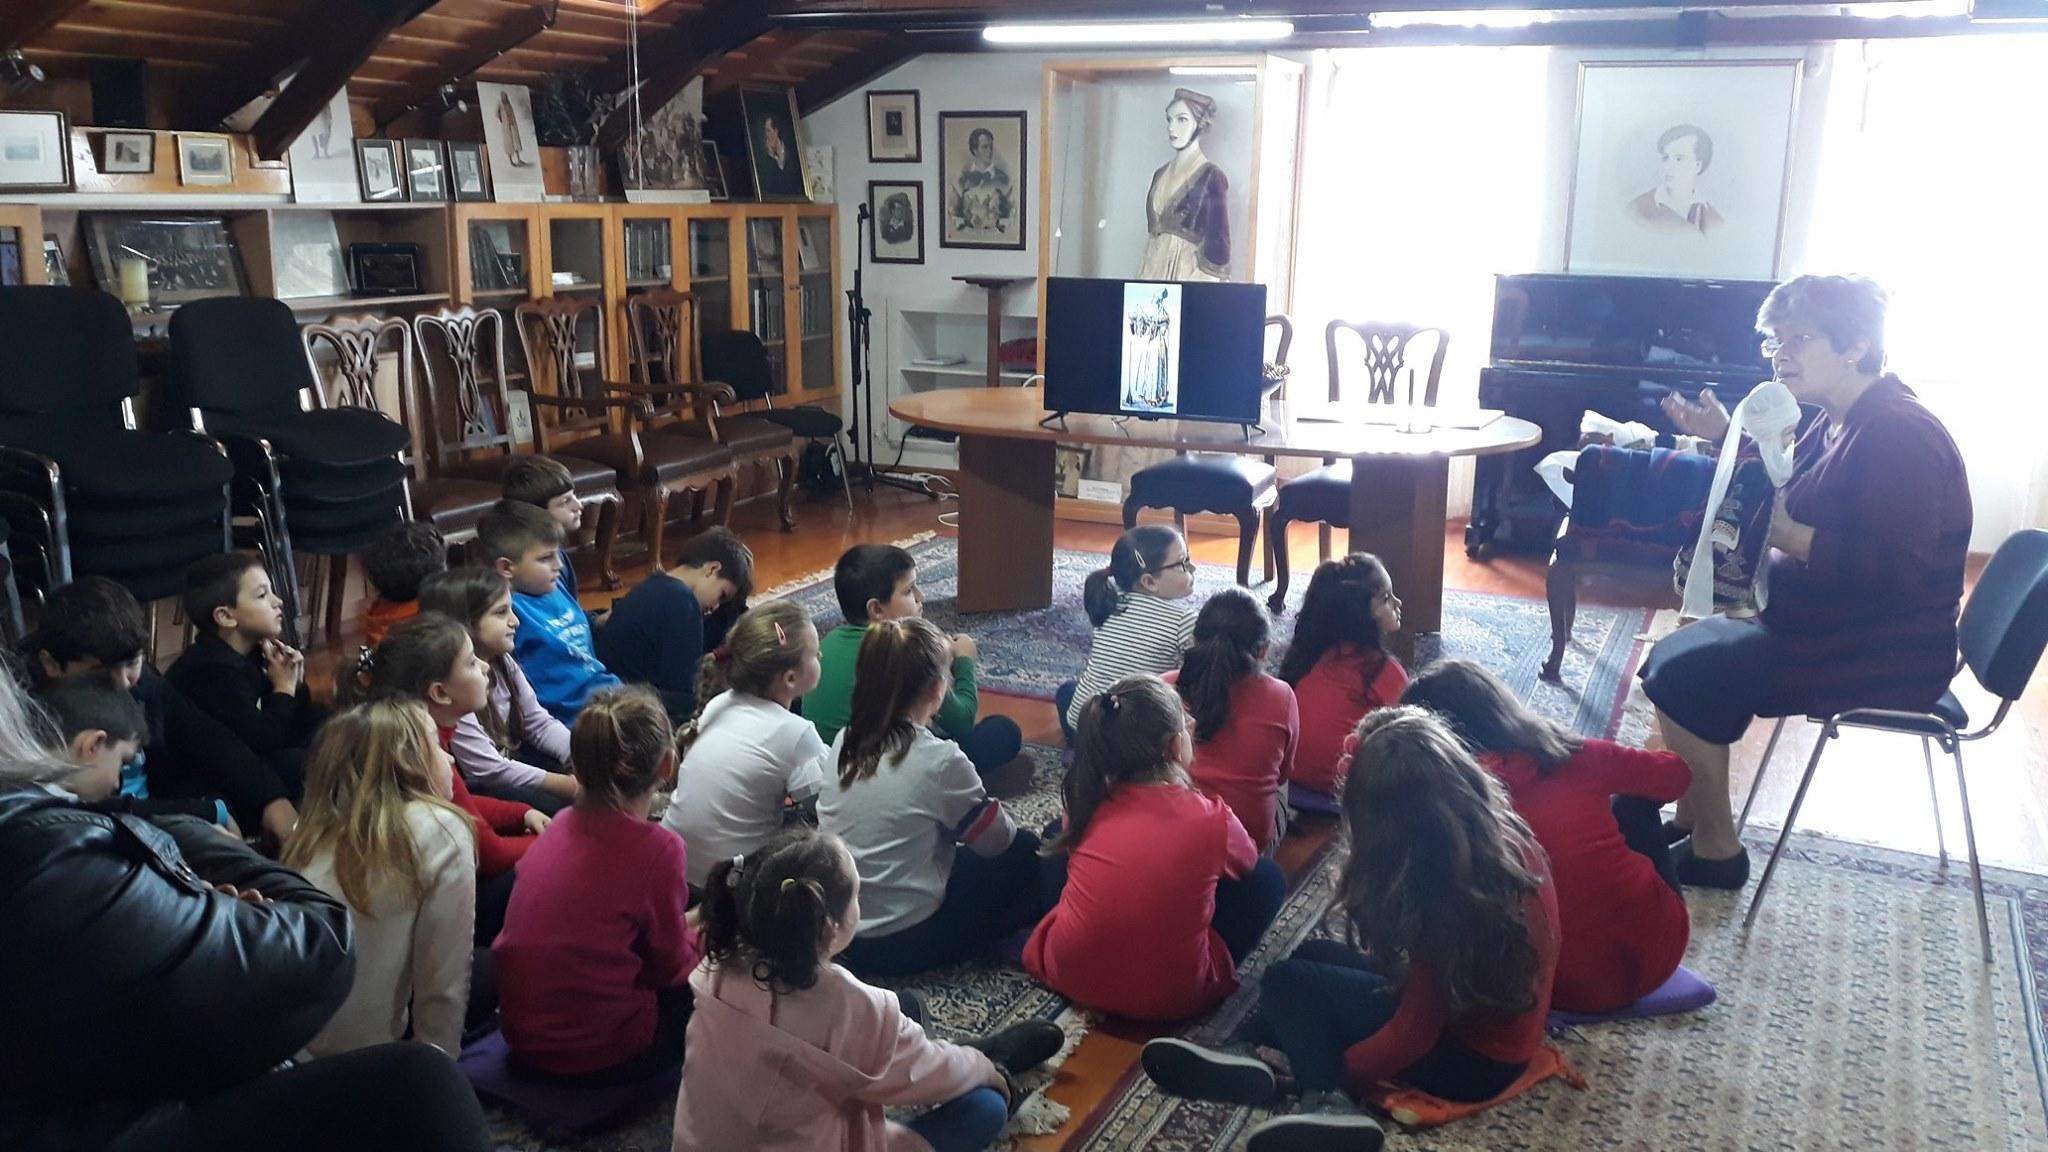 Το 12ο Δημοτικό Σχολείο Αγρινίου στη Βυρωνική Εταιρεία